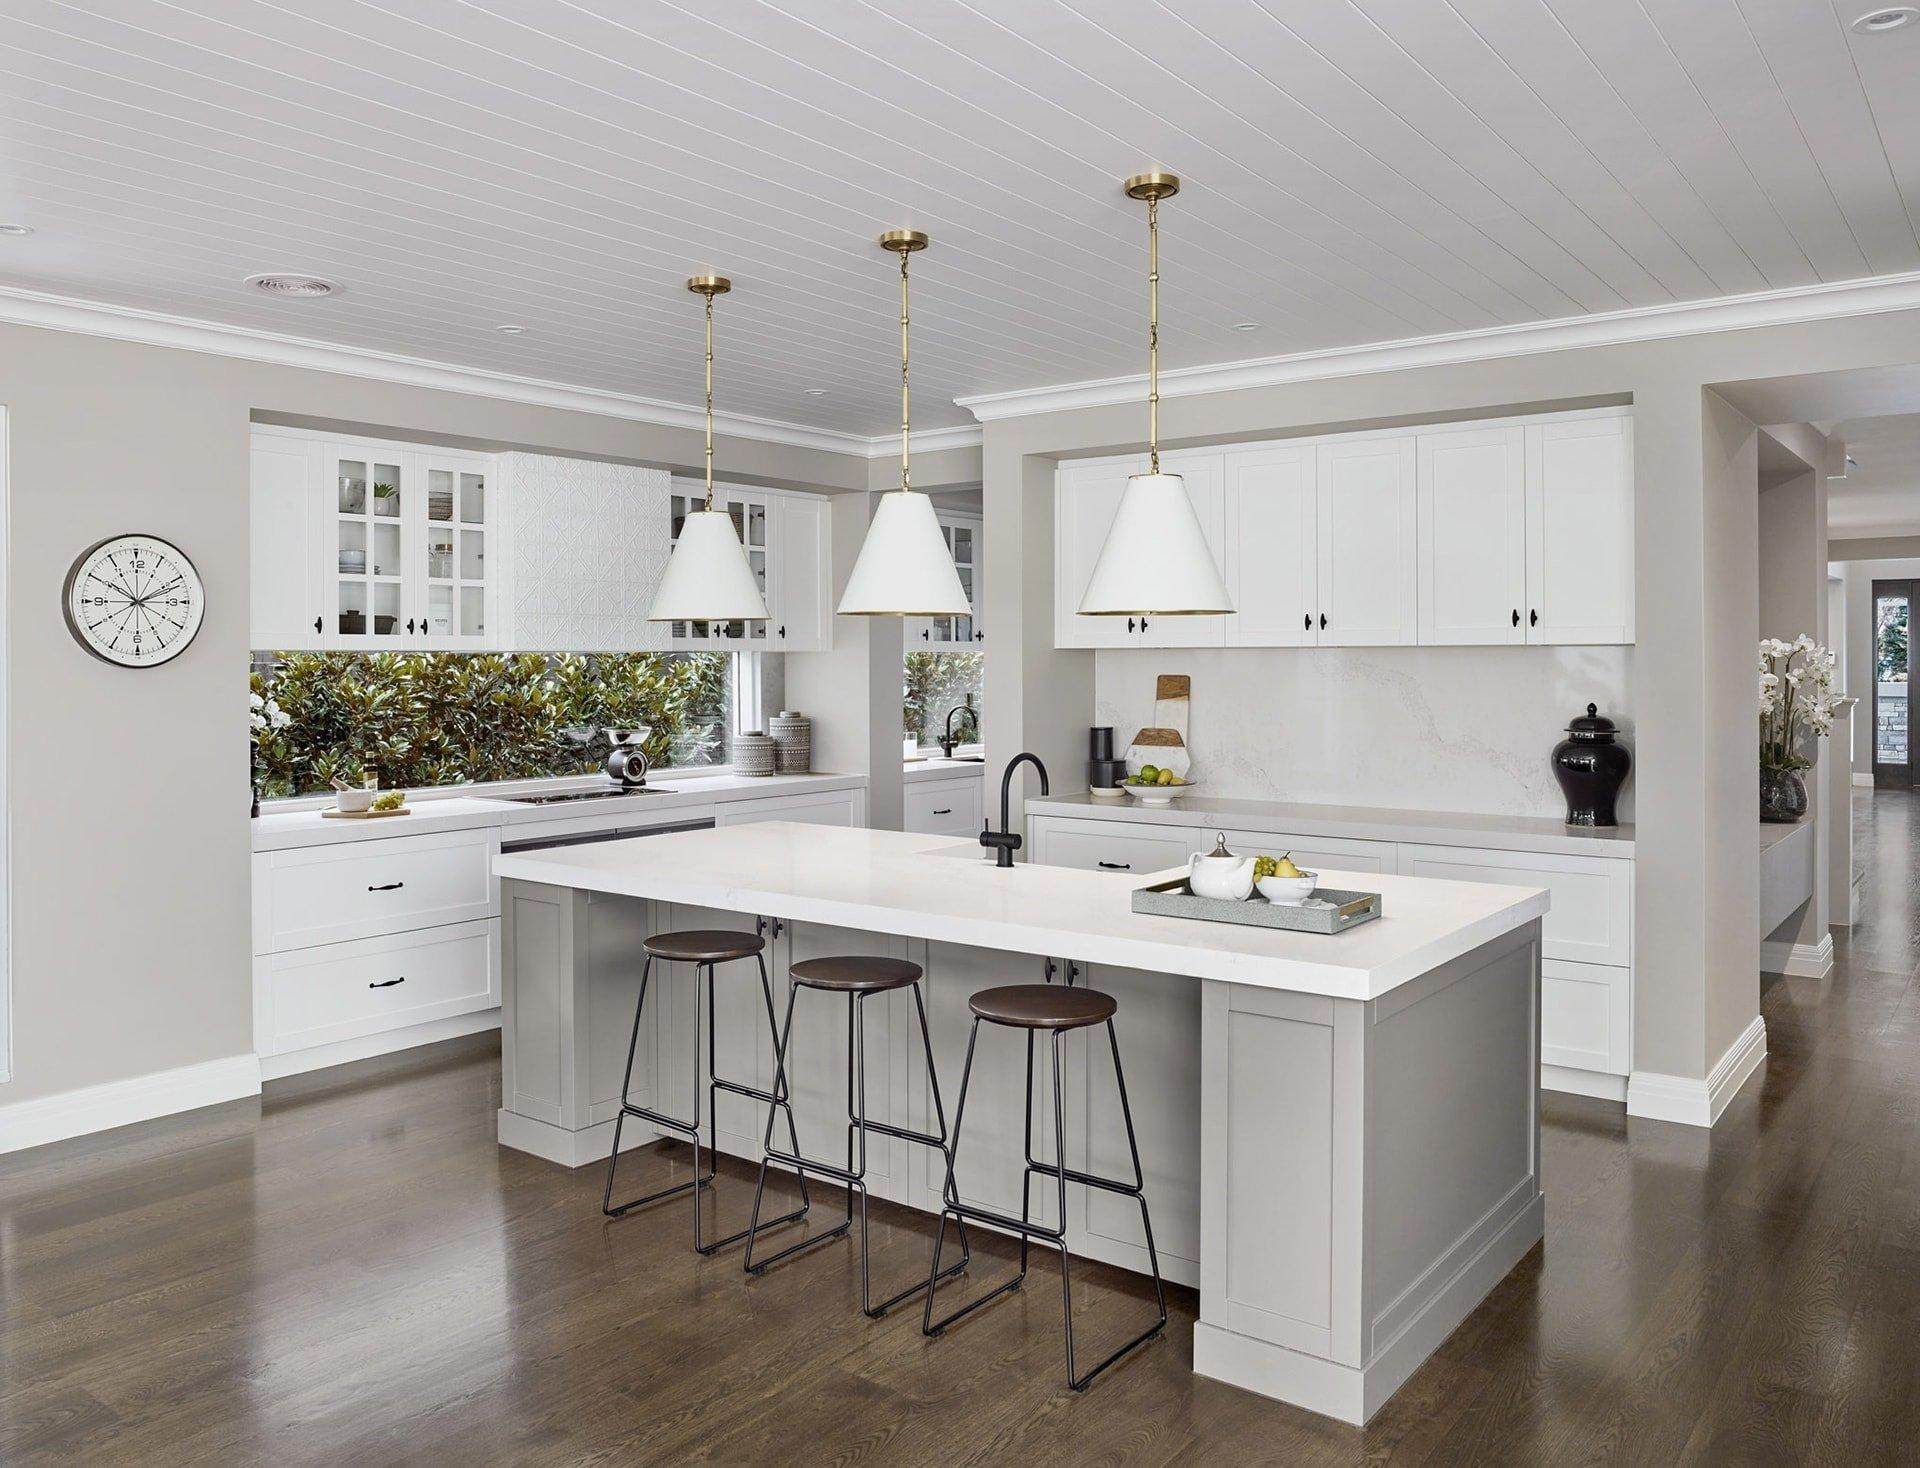 hamptons kitchen design ideas top 10 for 2021  tlc interiors